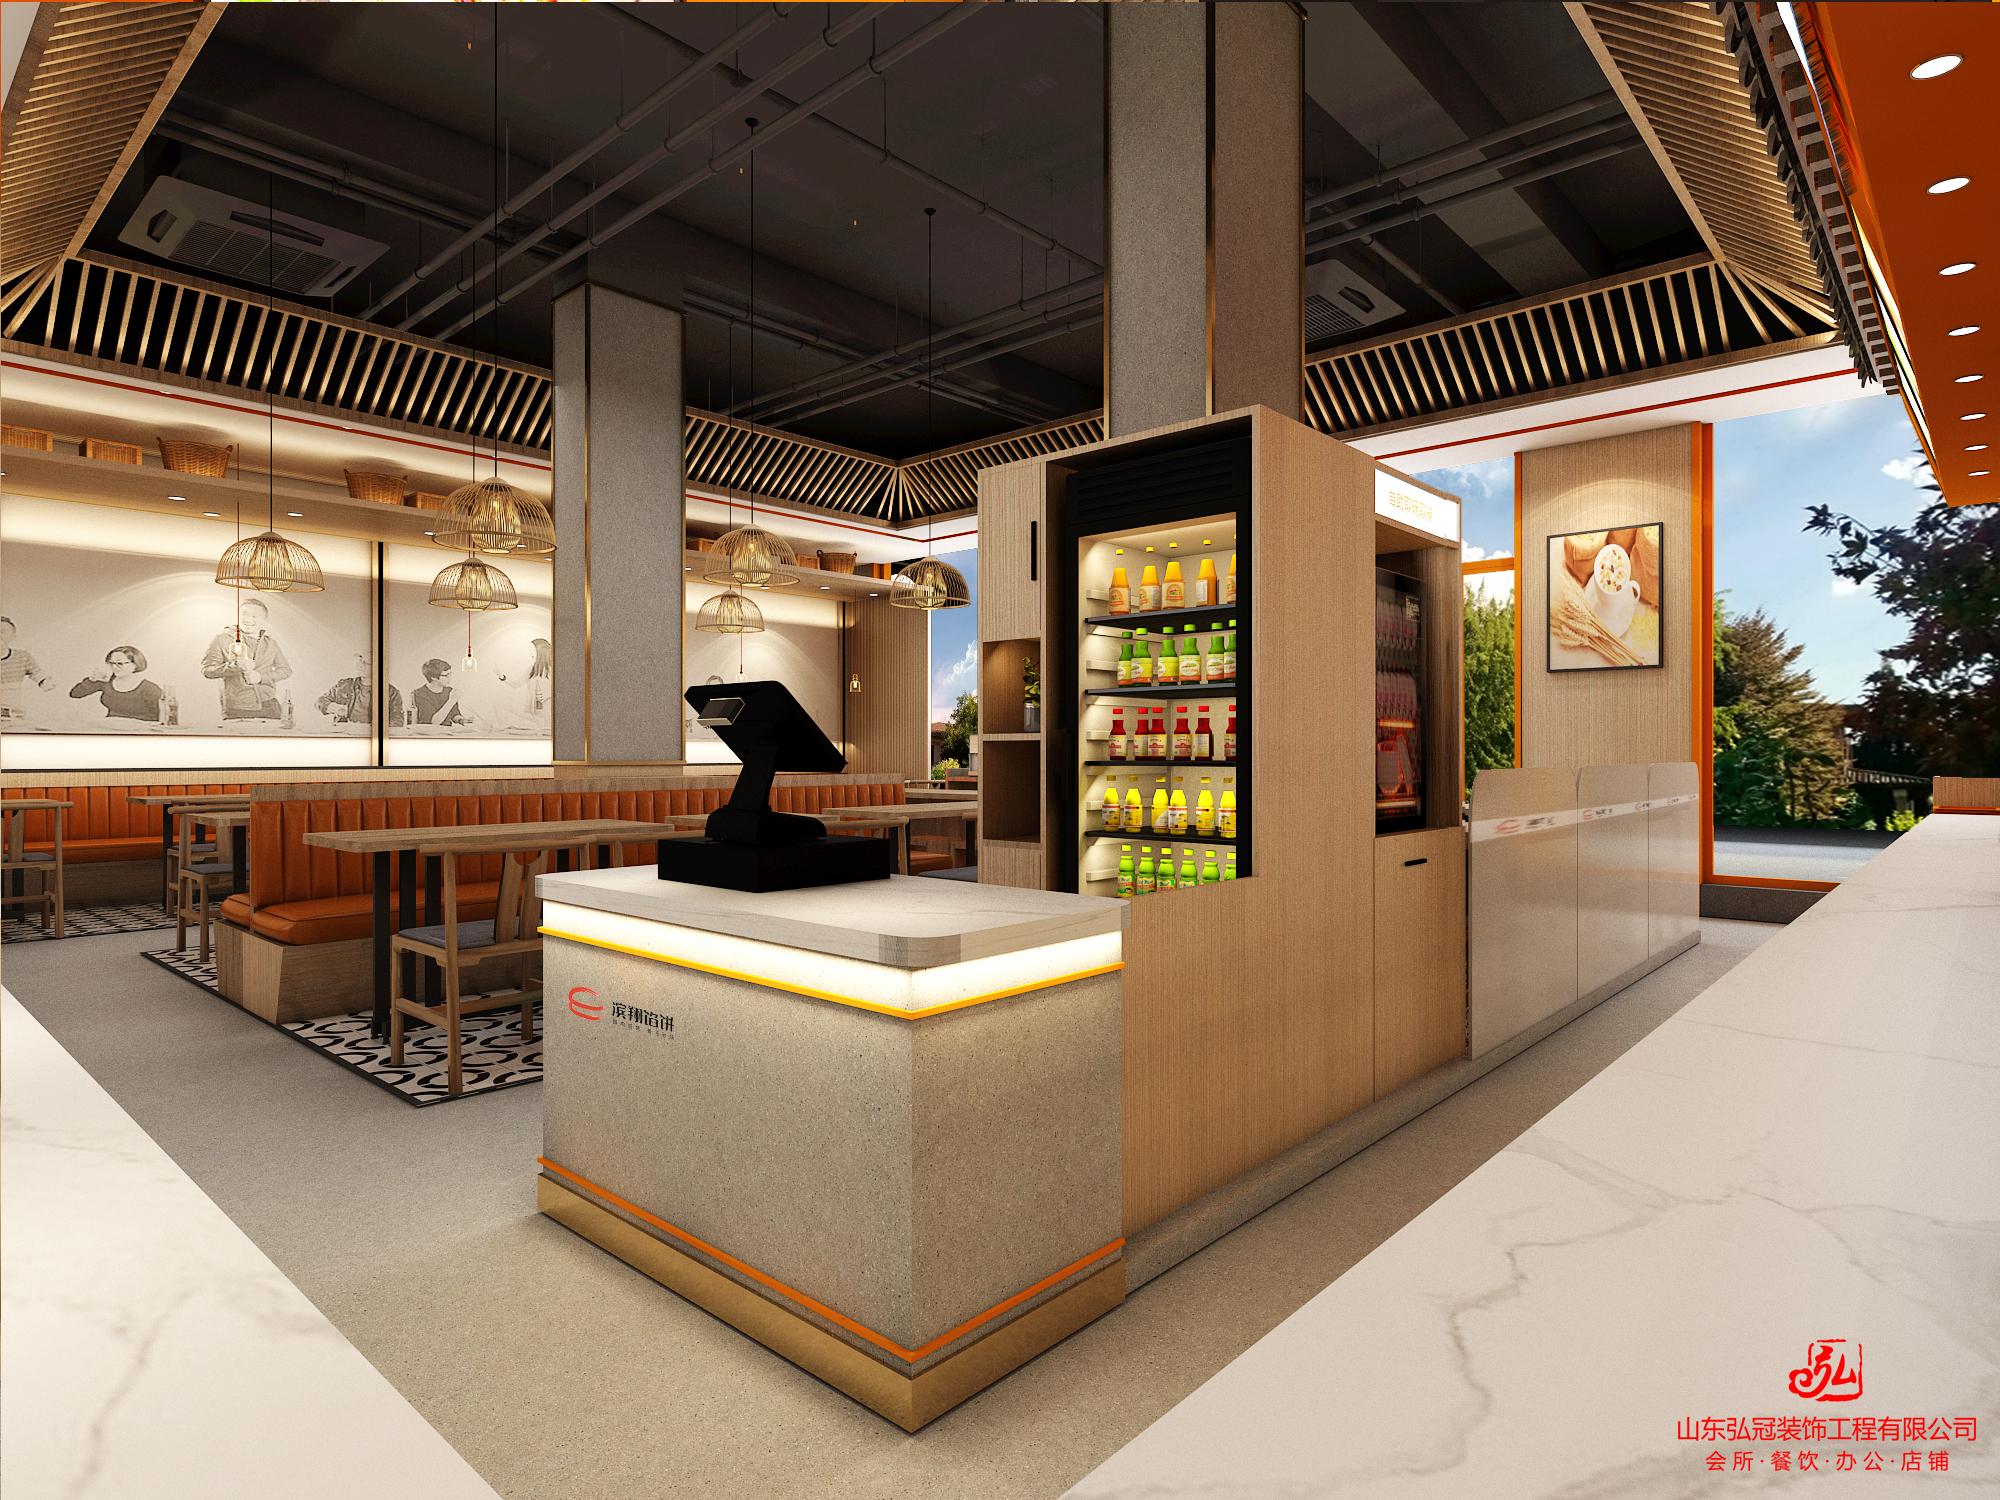 淄博环境健康餐饮厨房设计19条不宜